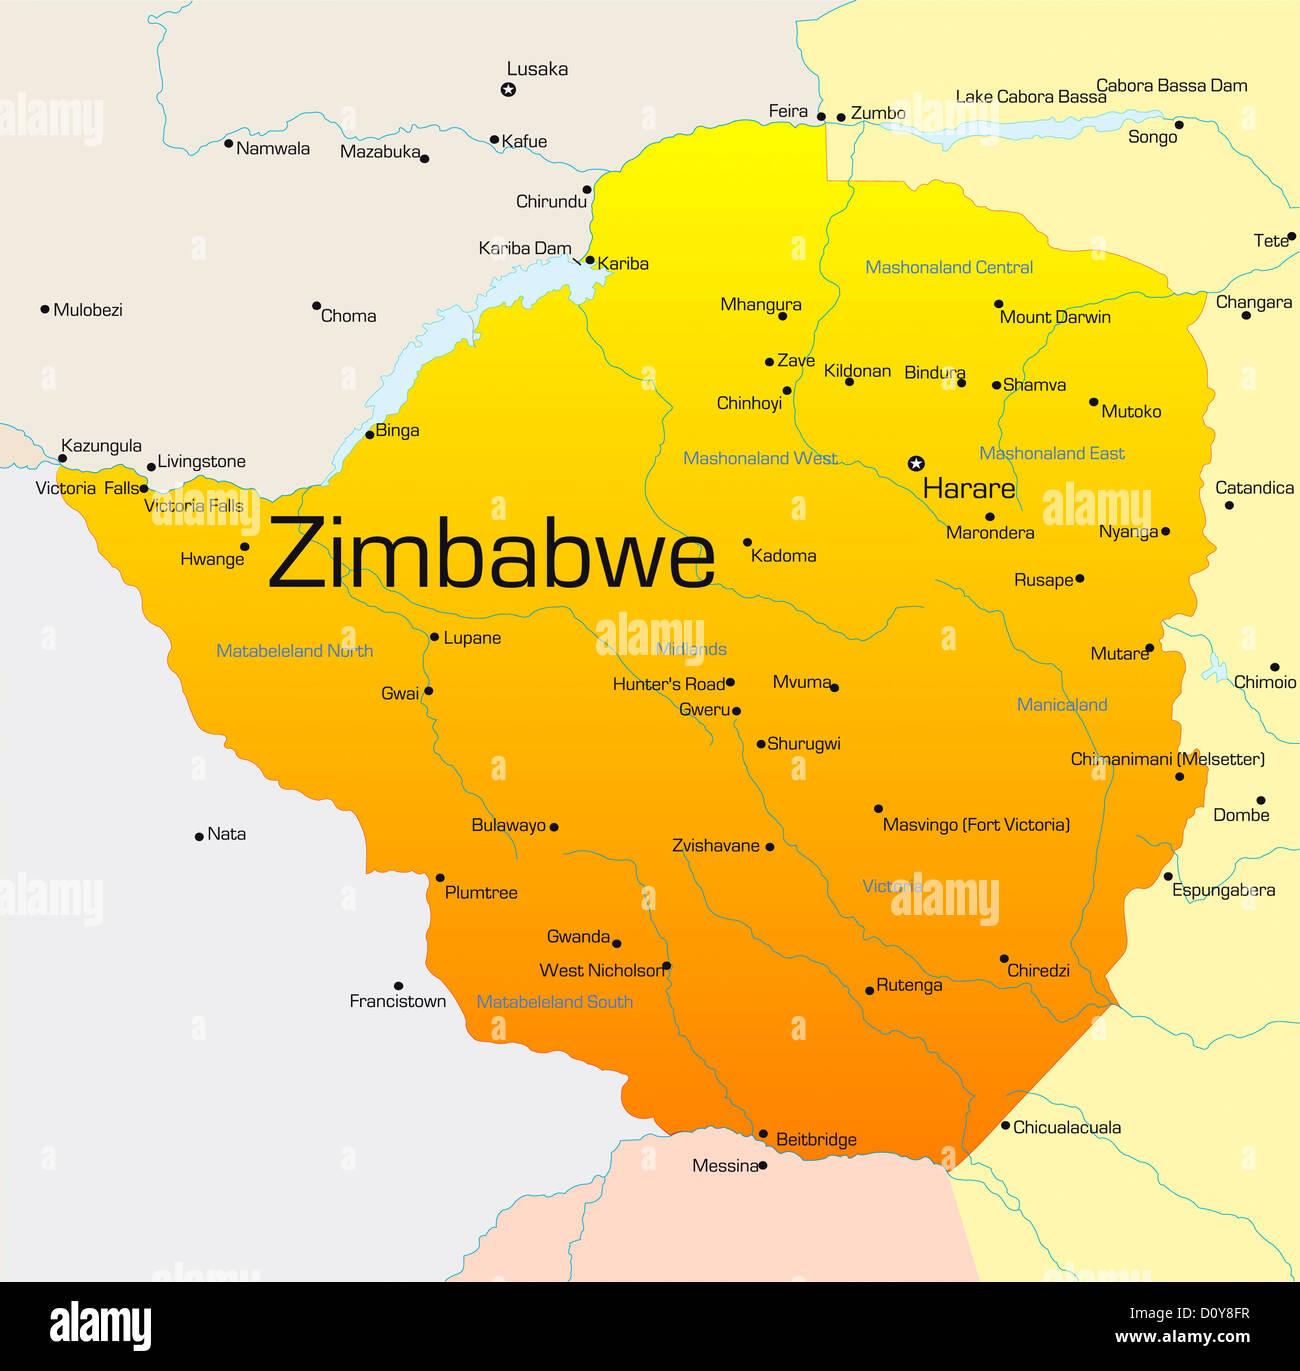 Map Of Africa Zimbabwe.Map Africa Zimbabwe Photos Map Africa Zimbabwe Images Page 4 Alamy